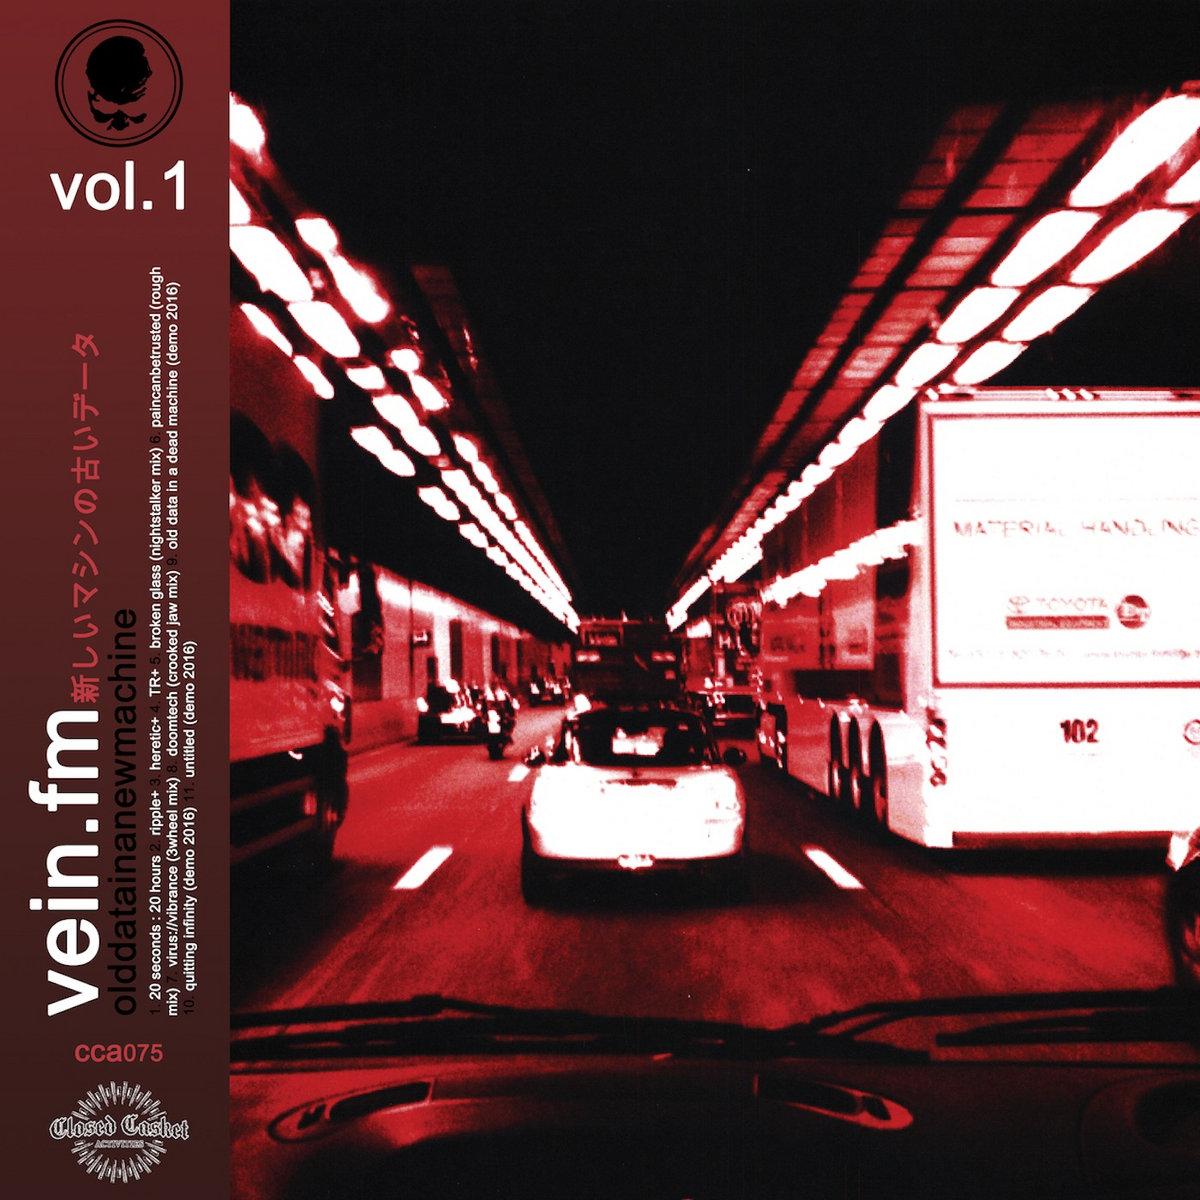 Vein.fm - Old Date In a New Machine Vol.1 LP